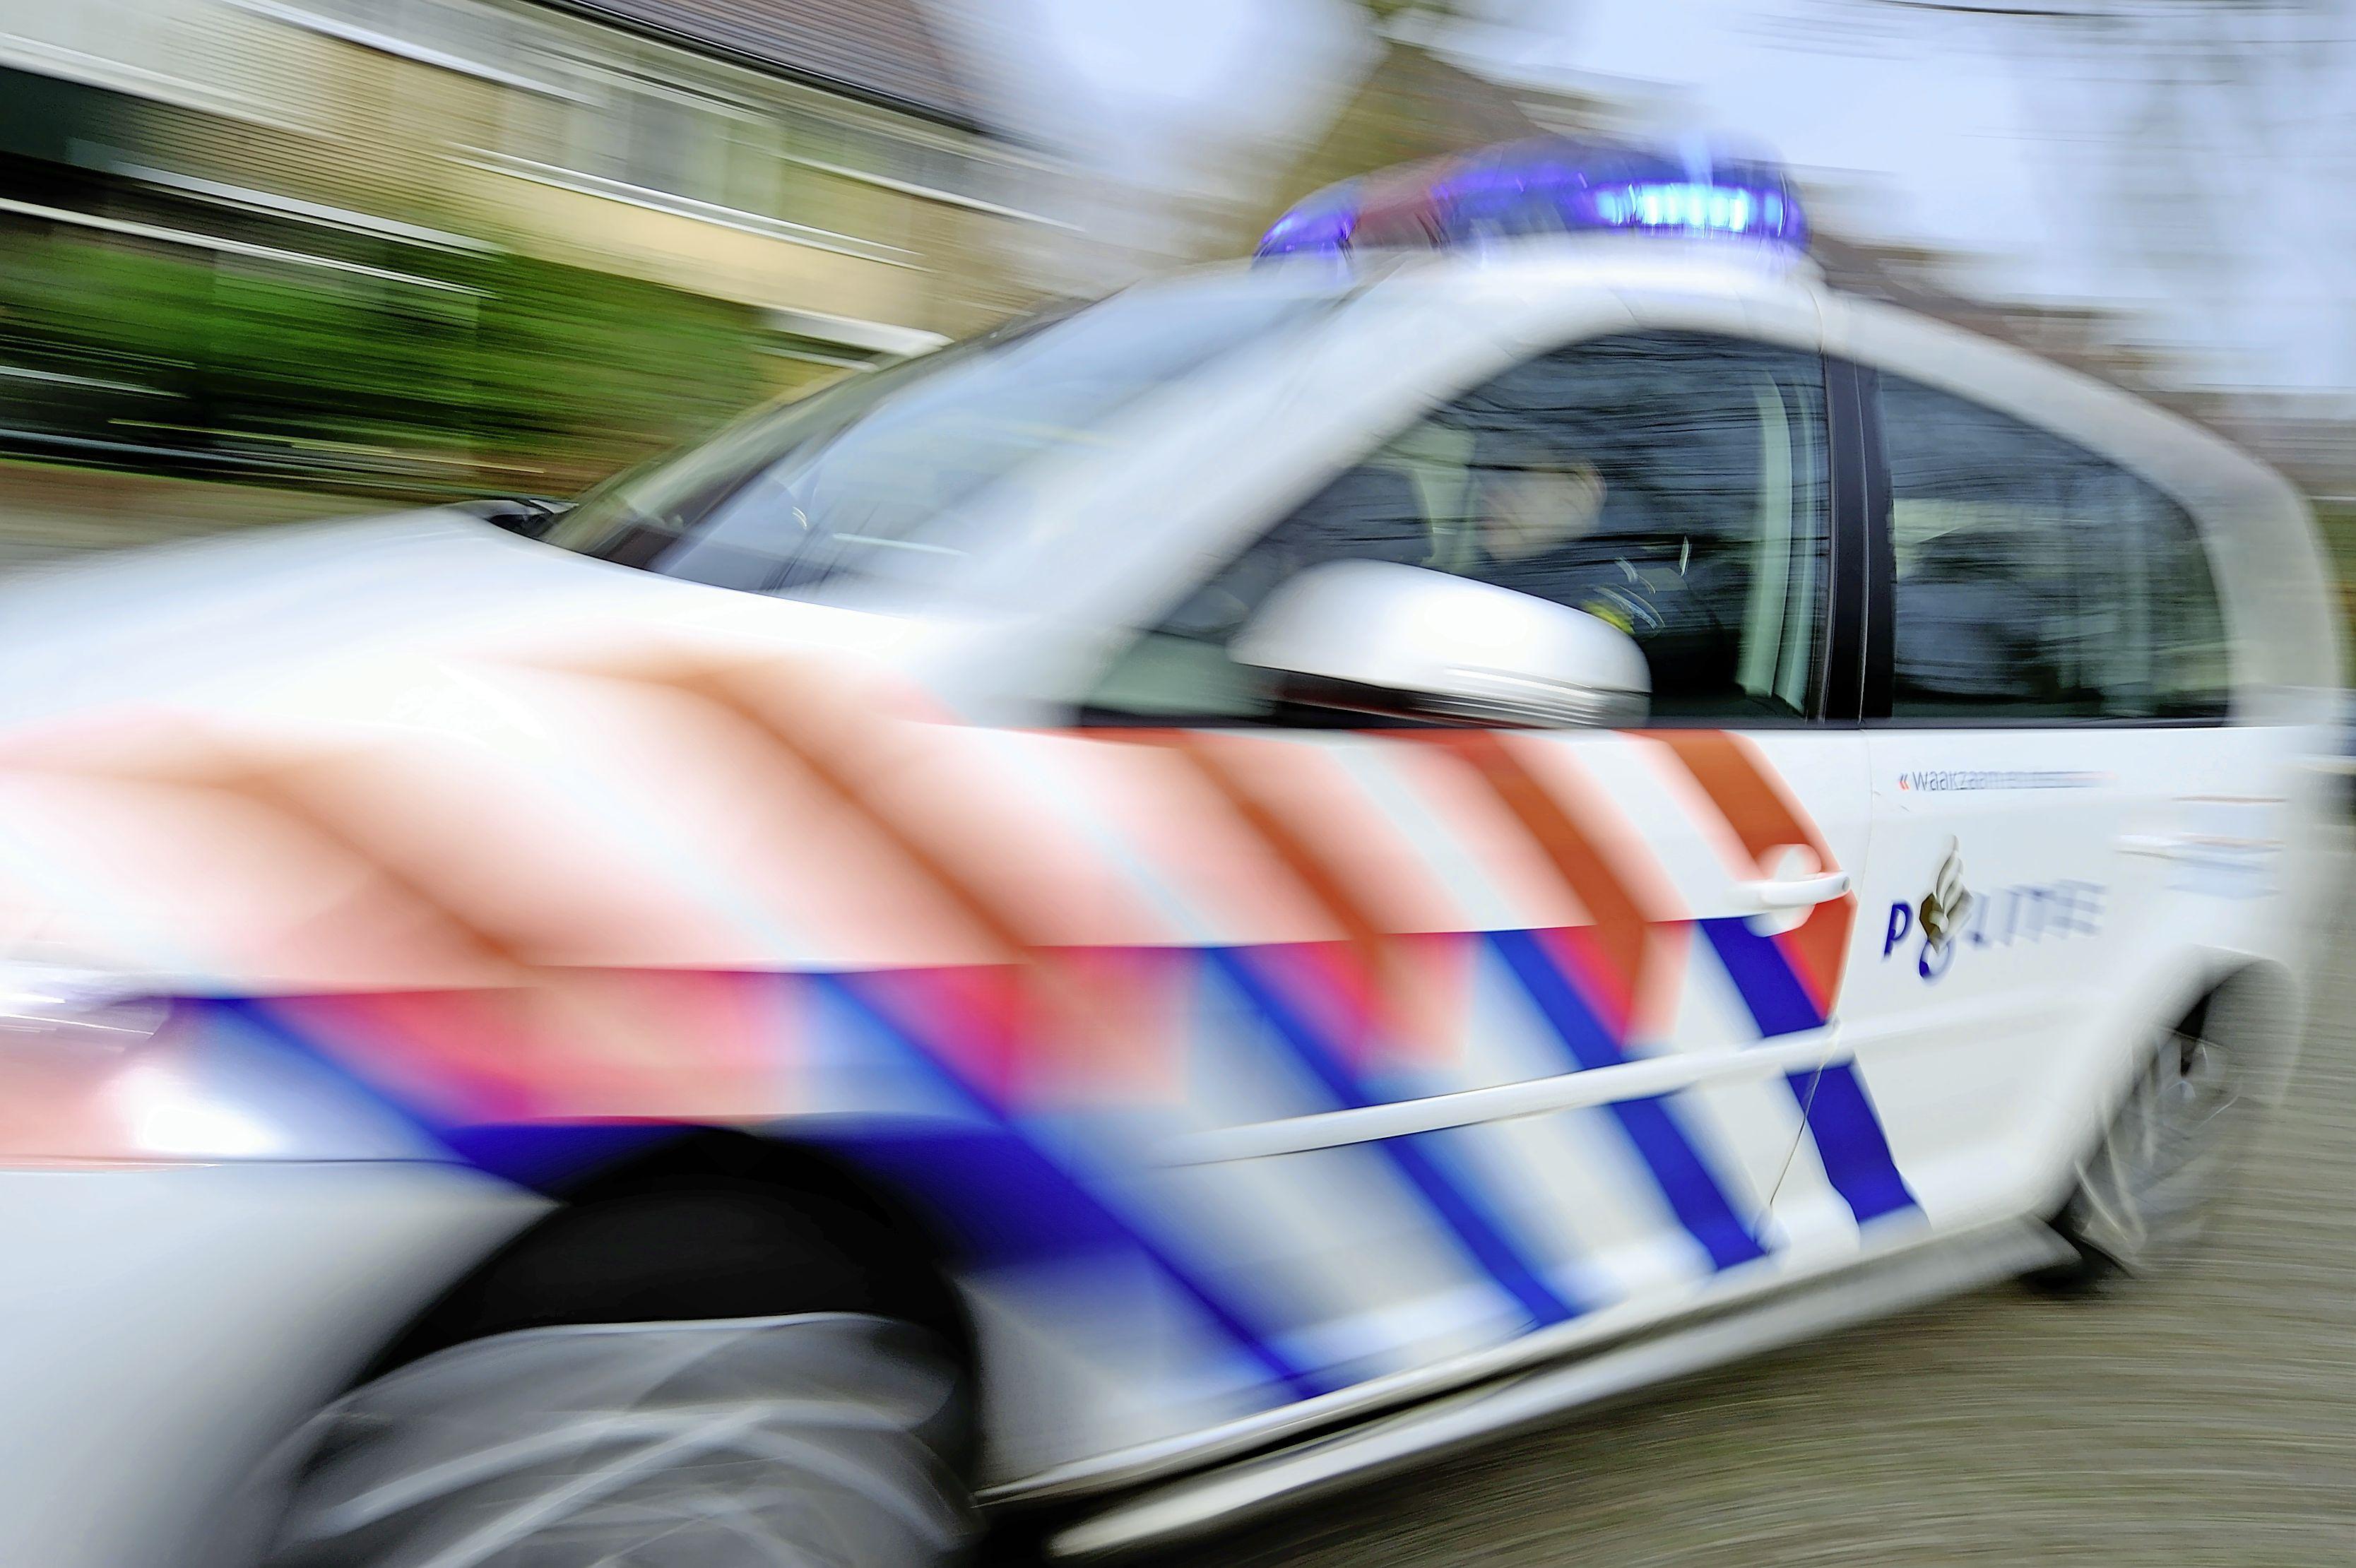 Politie is bij een op de vijf spoedmeldingen te lang onderweg. Oorzaken: de personele bezetting staat onder druk en de regio is groot